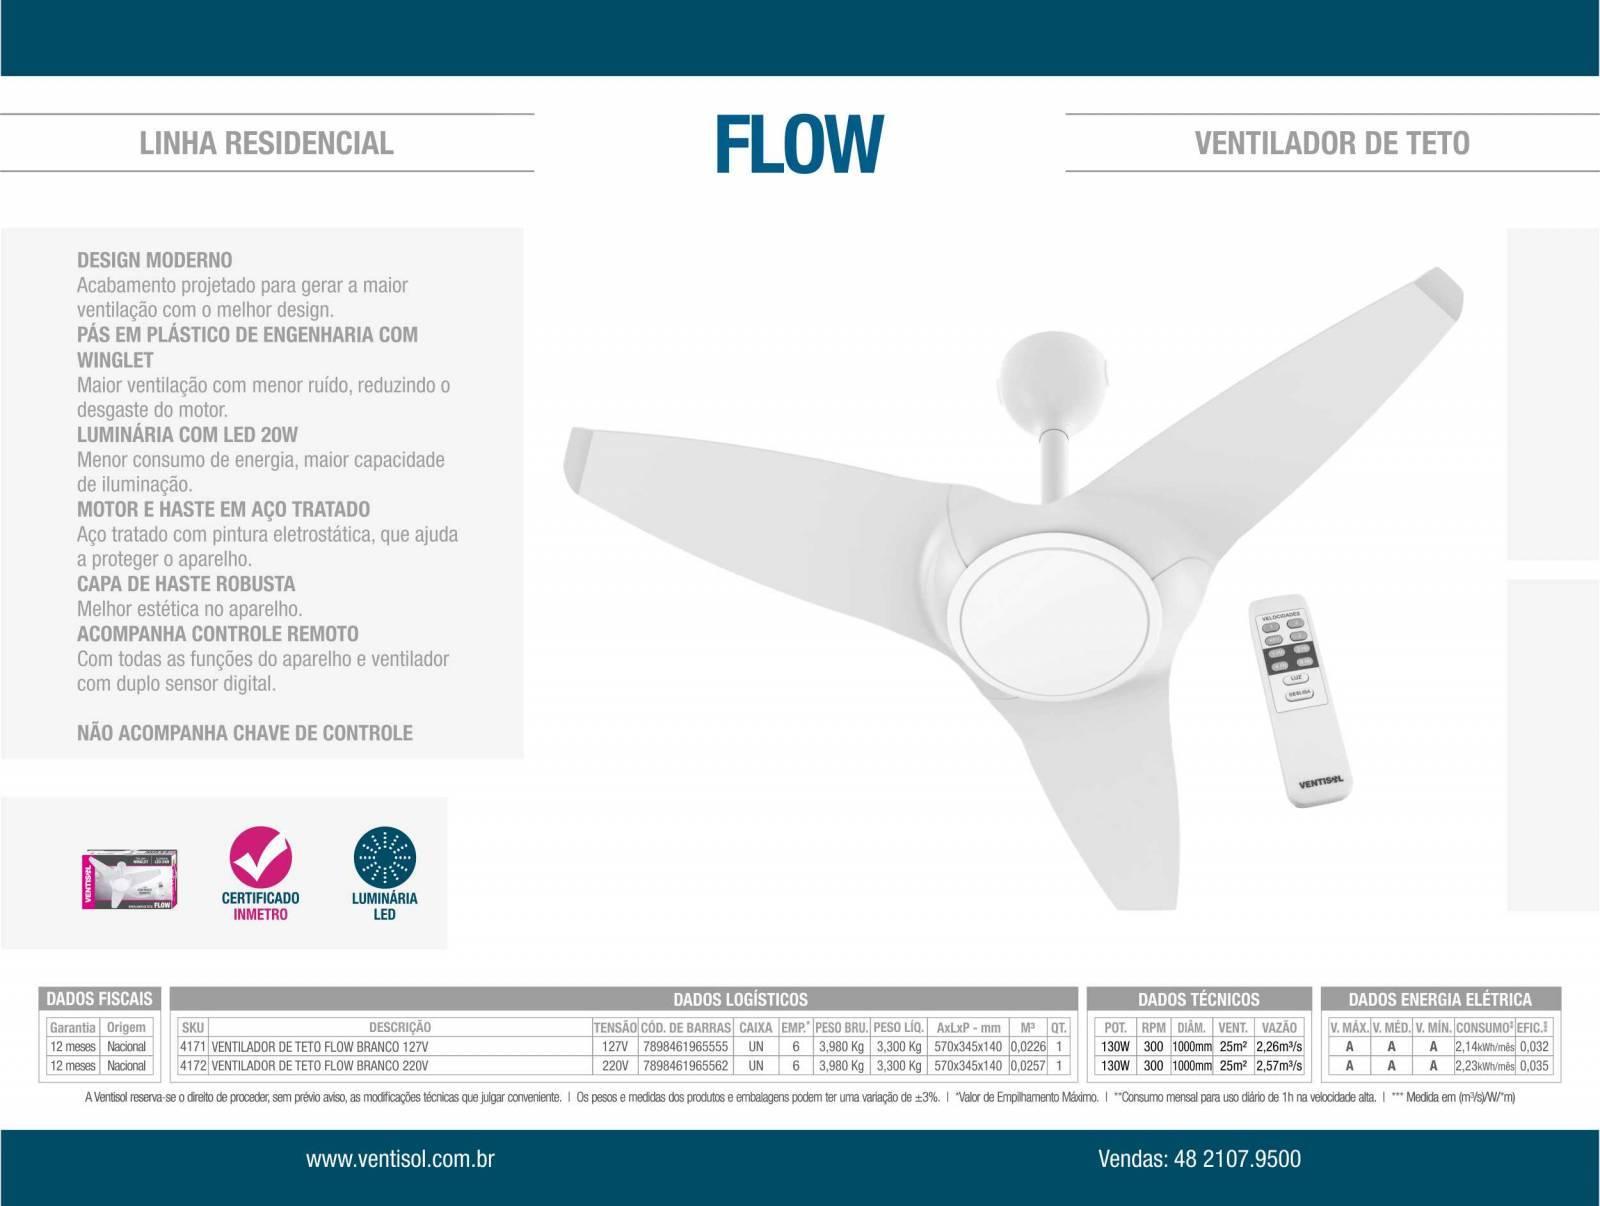 Ventilador De Teto Flow Led 20w Com Controle Remoto - LCGELETRO